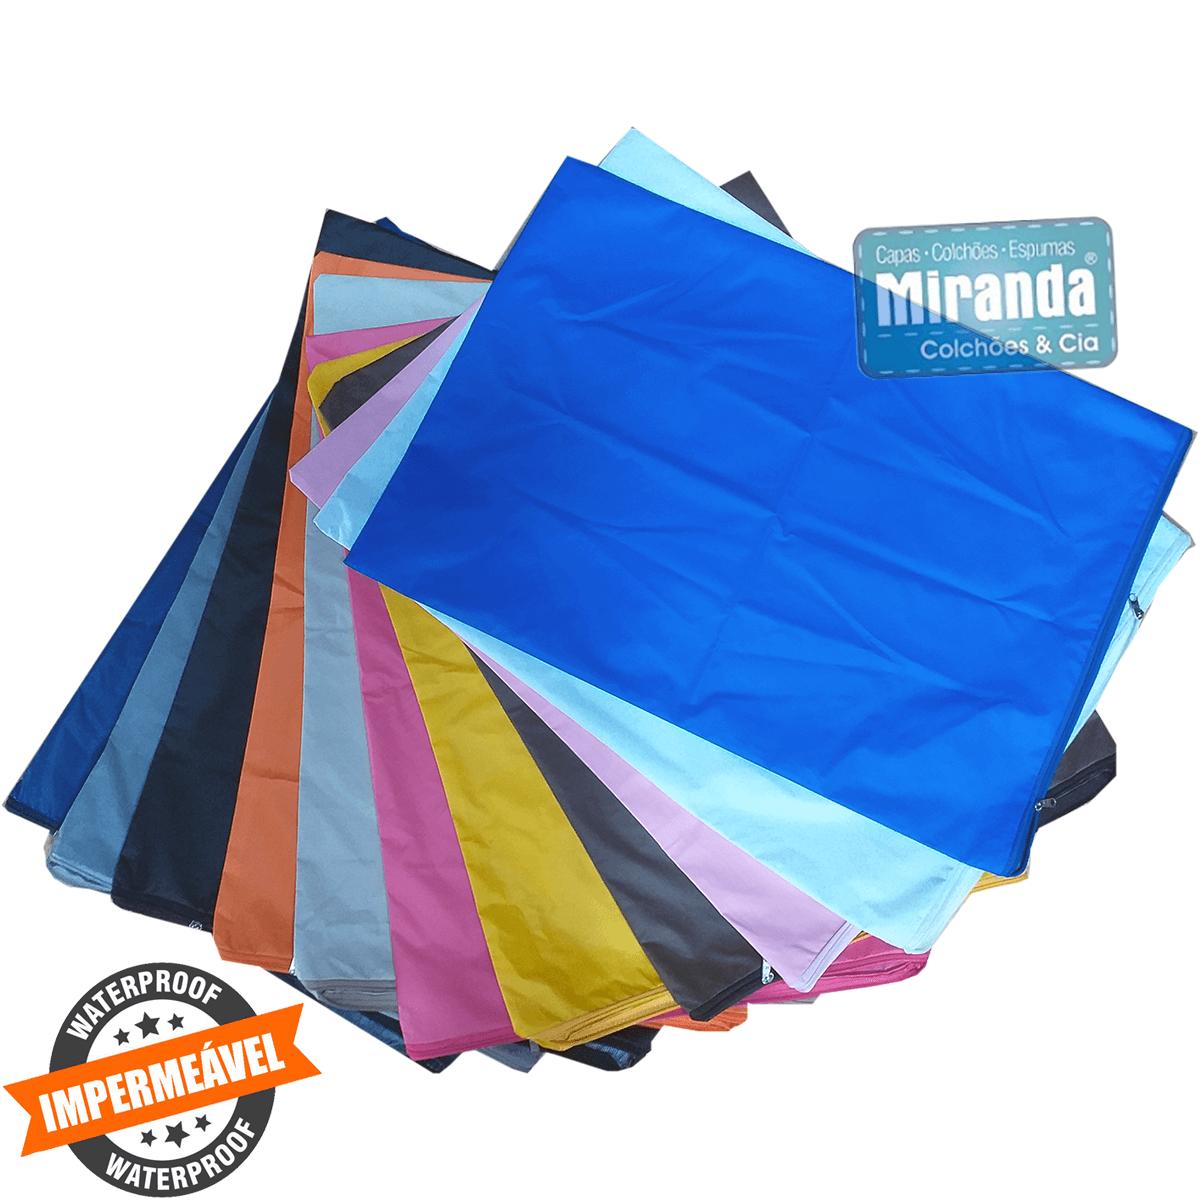 Capa Impermeavel P/ Travesseiro - Medida Especial - Colorida  - Miranda Colchões